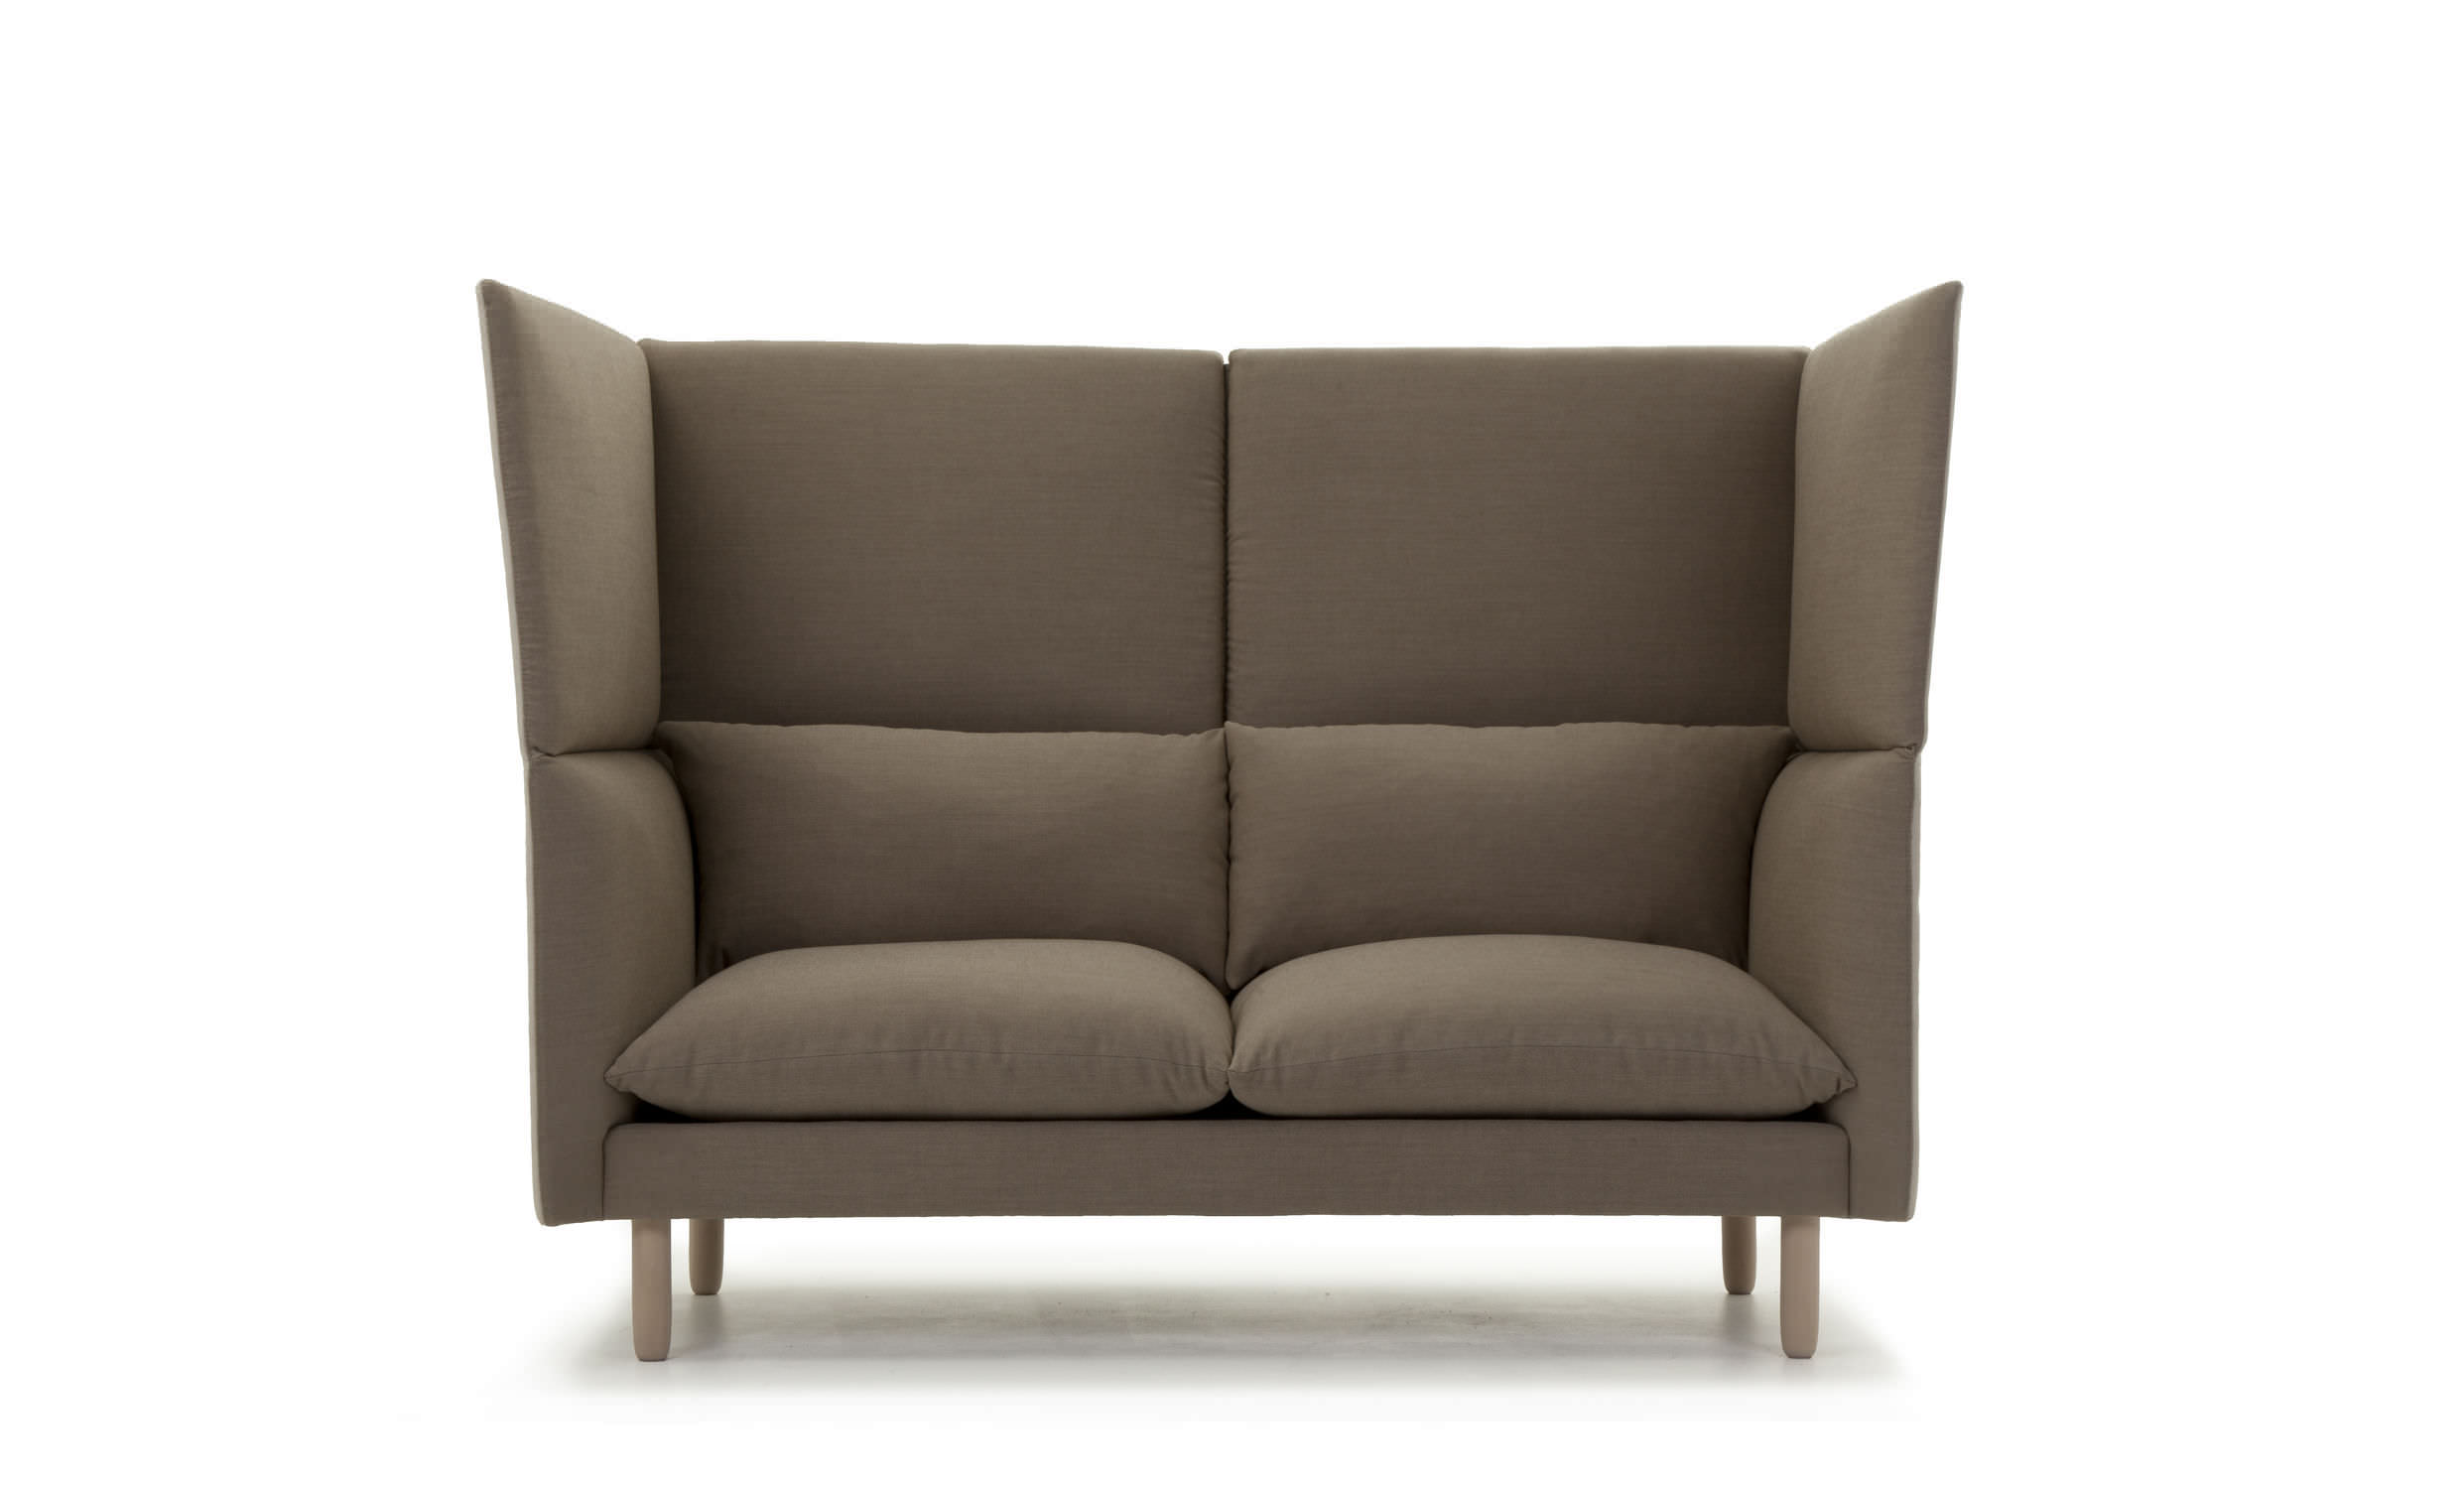 Verschiedene Hochlehner Sofa Galerie Von Modernes / Stoff / 2 Plätze /